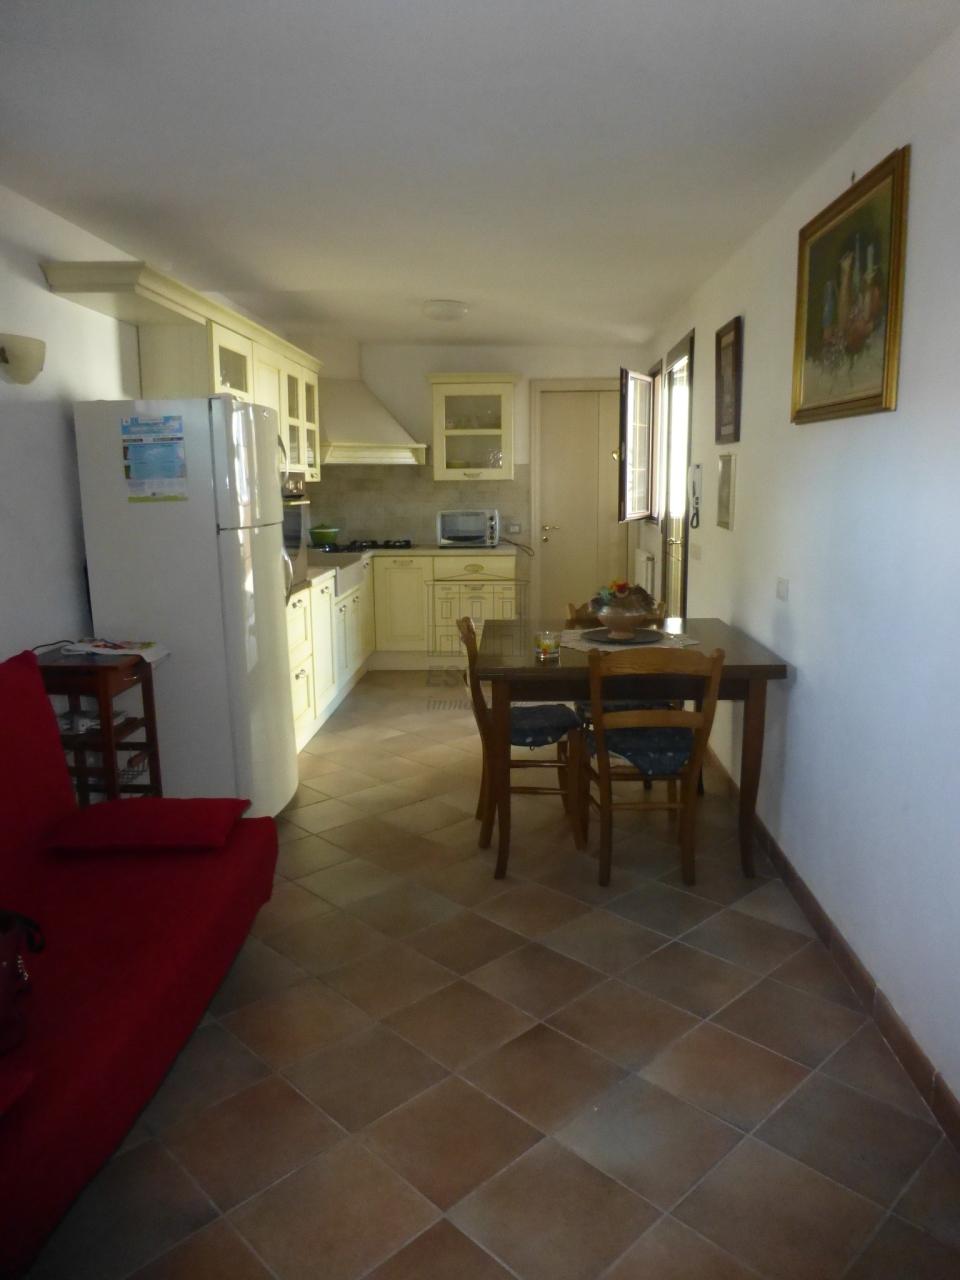 affitto appartamento lucca   570 euro  2 locali  45 mq